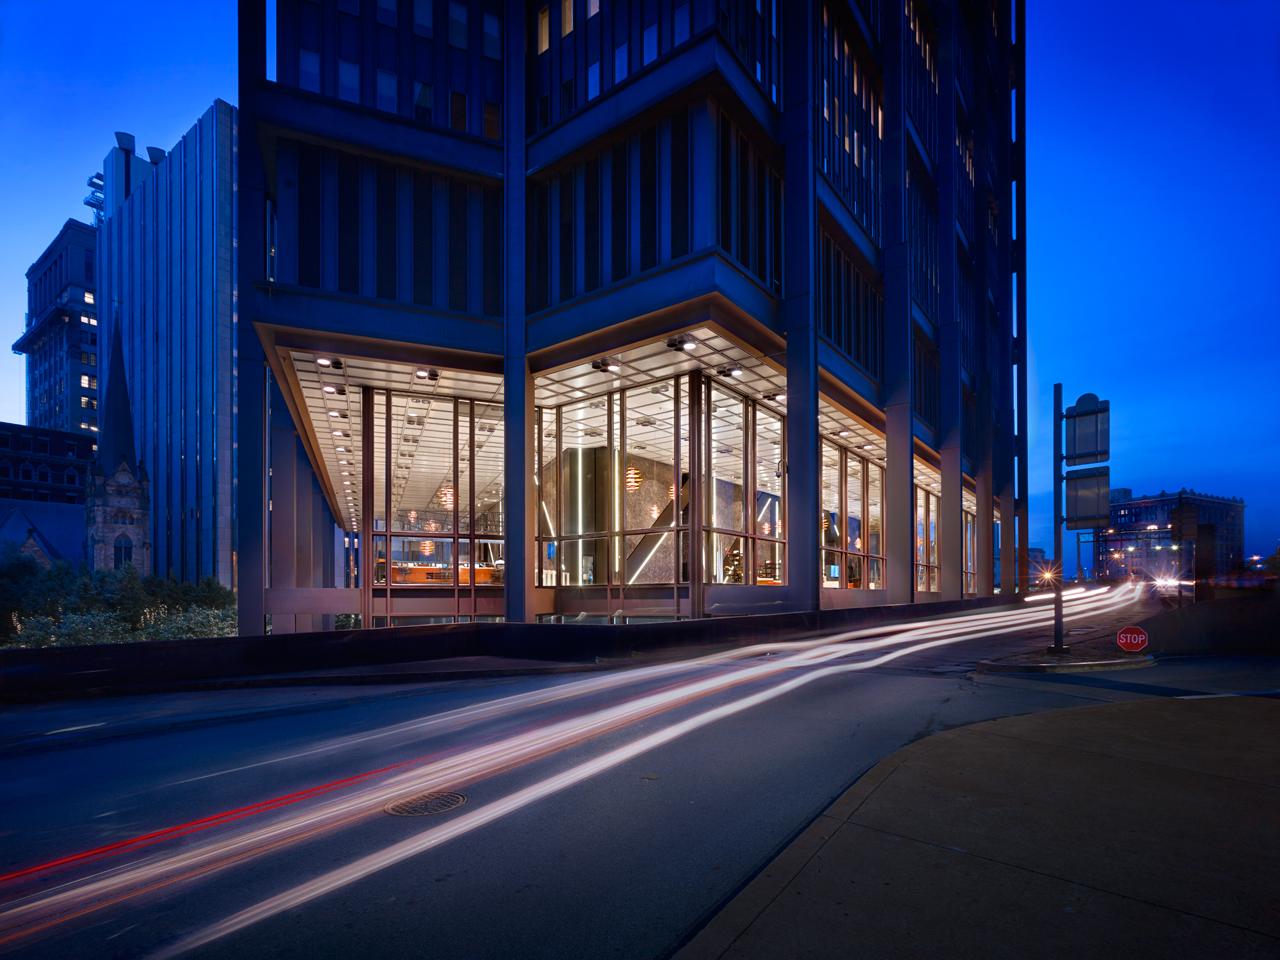 U.S. Steel Tower Lobby